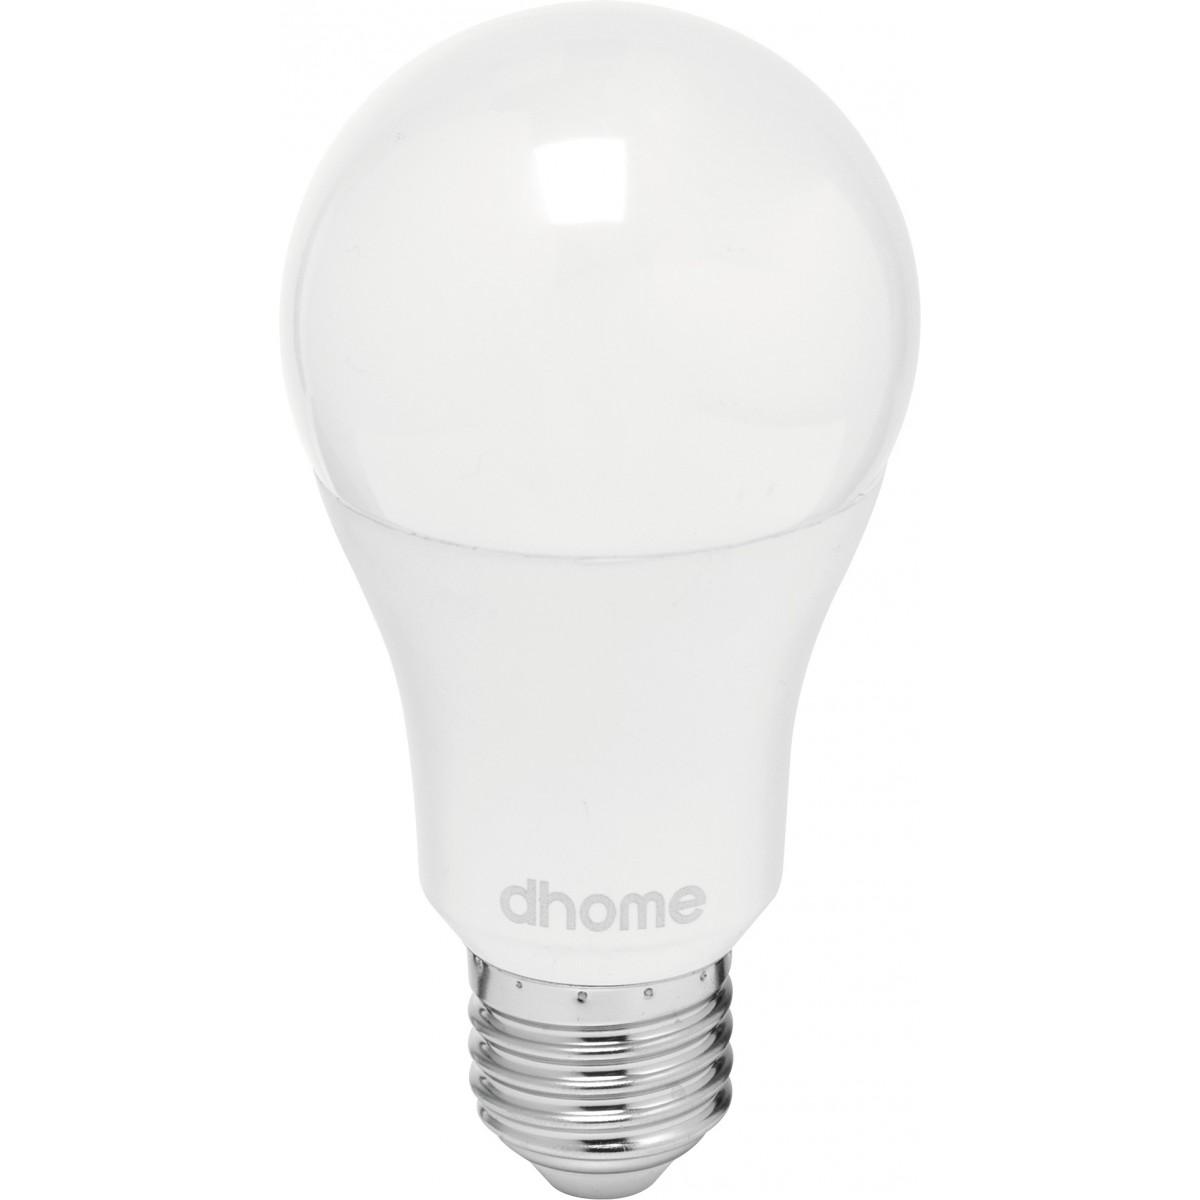 Ampoule LED standard E27 dhome  - 1521 Lumens - 14 W - 4000 K - Vendu par 10